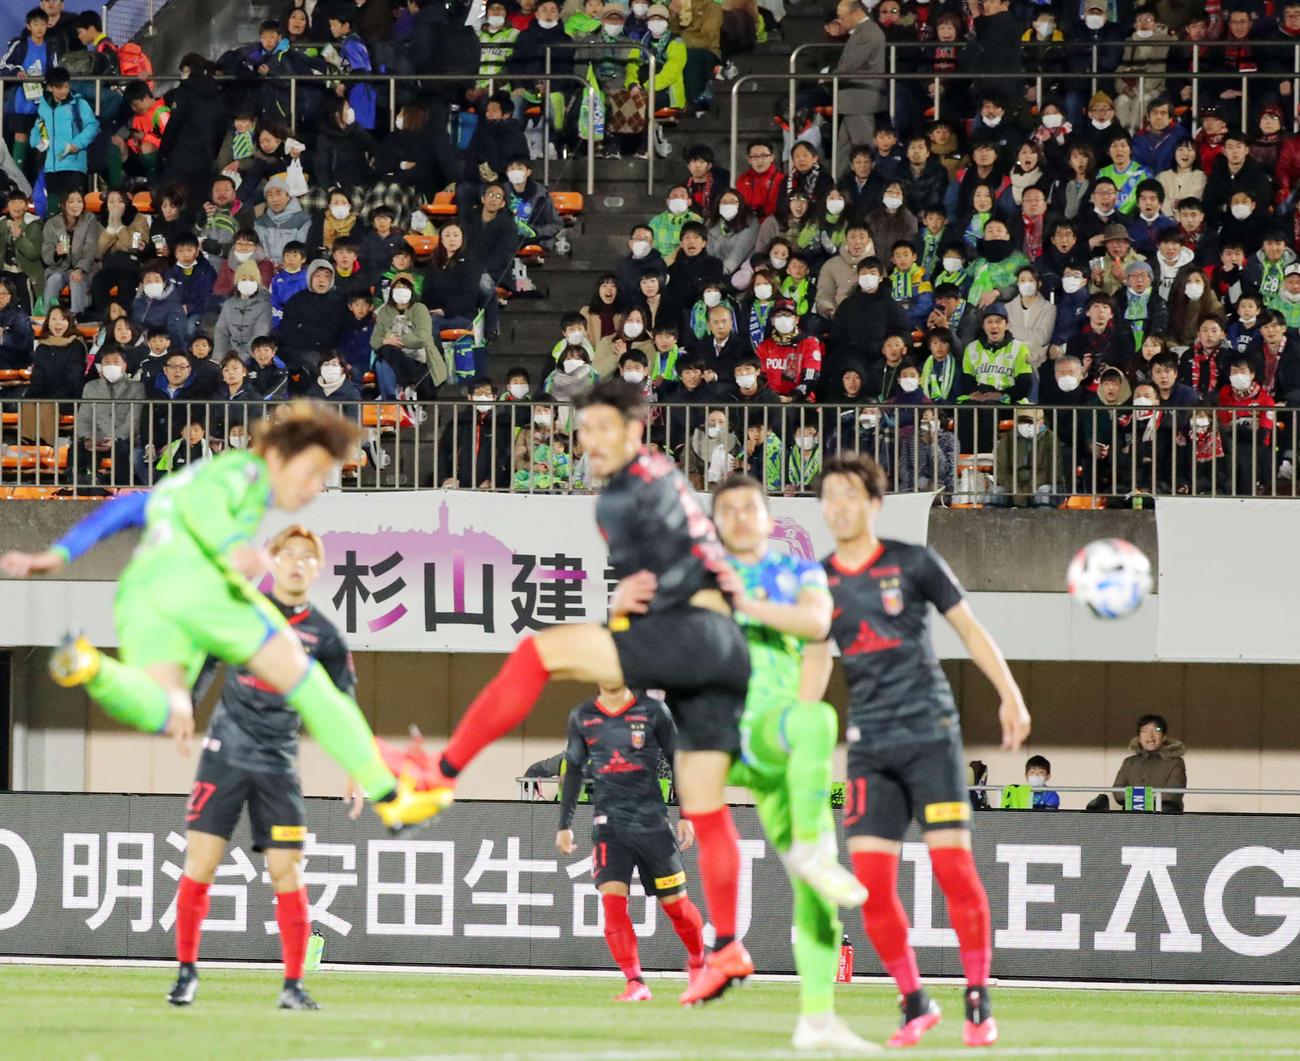 前半、今季初ゴールを決める湘南FW石原直(左)を見届けるマスクを着けたサポーターたち(撮影・河田真司)